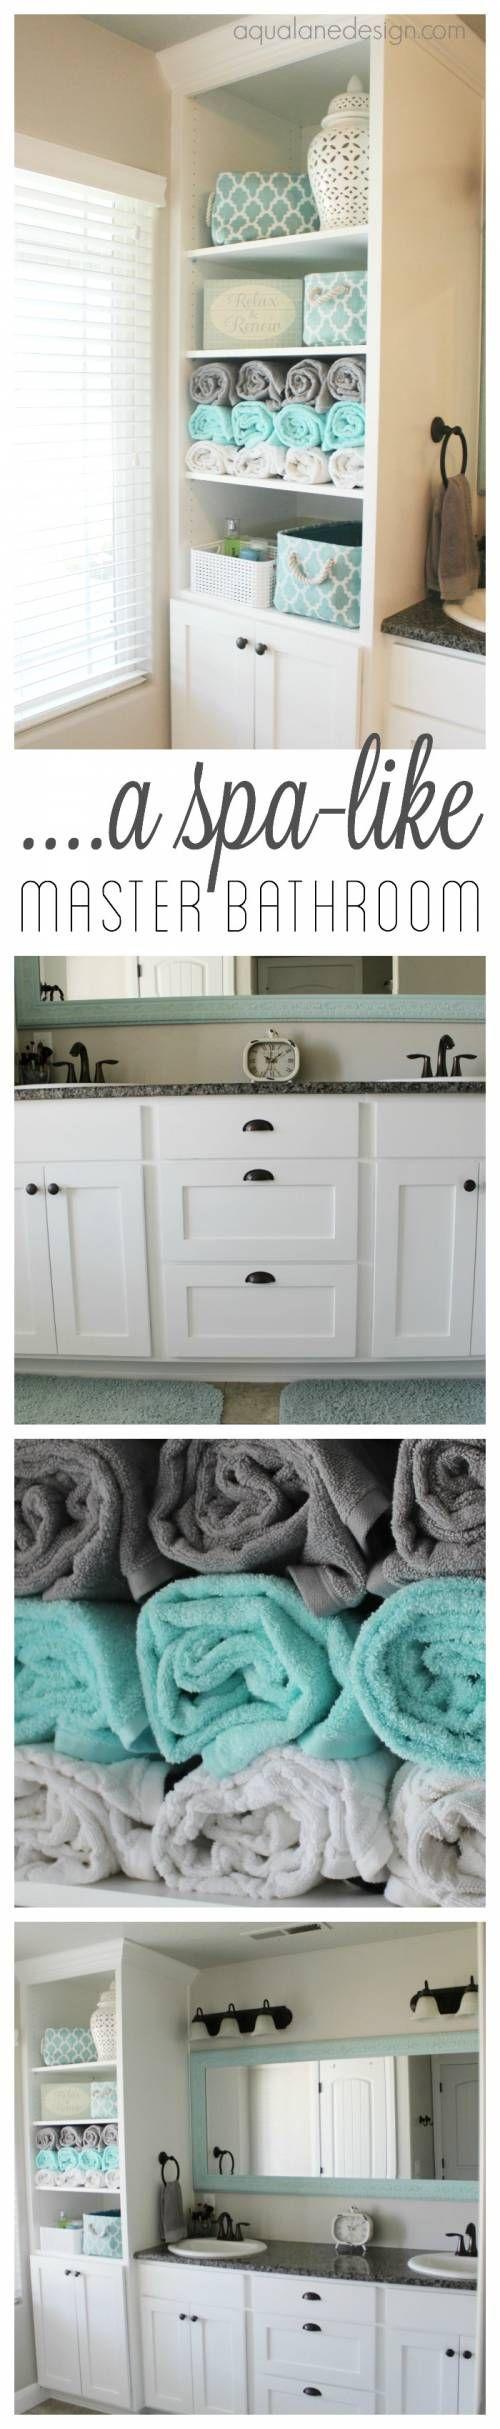 88 best tiling images on pinterest backsplash ideas bathroom 88 best tiling images on pinterest backsplash ideas bathroom and home ideas dailygadgetfo Image collections